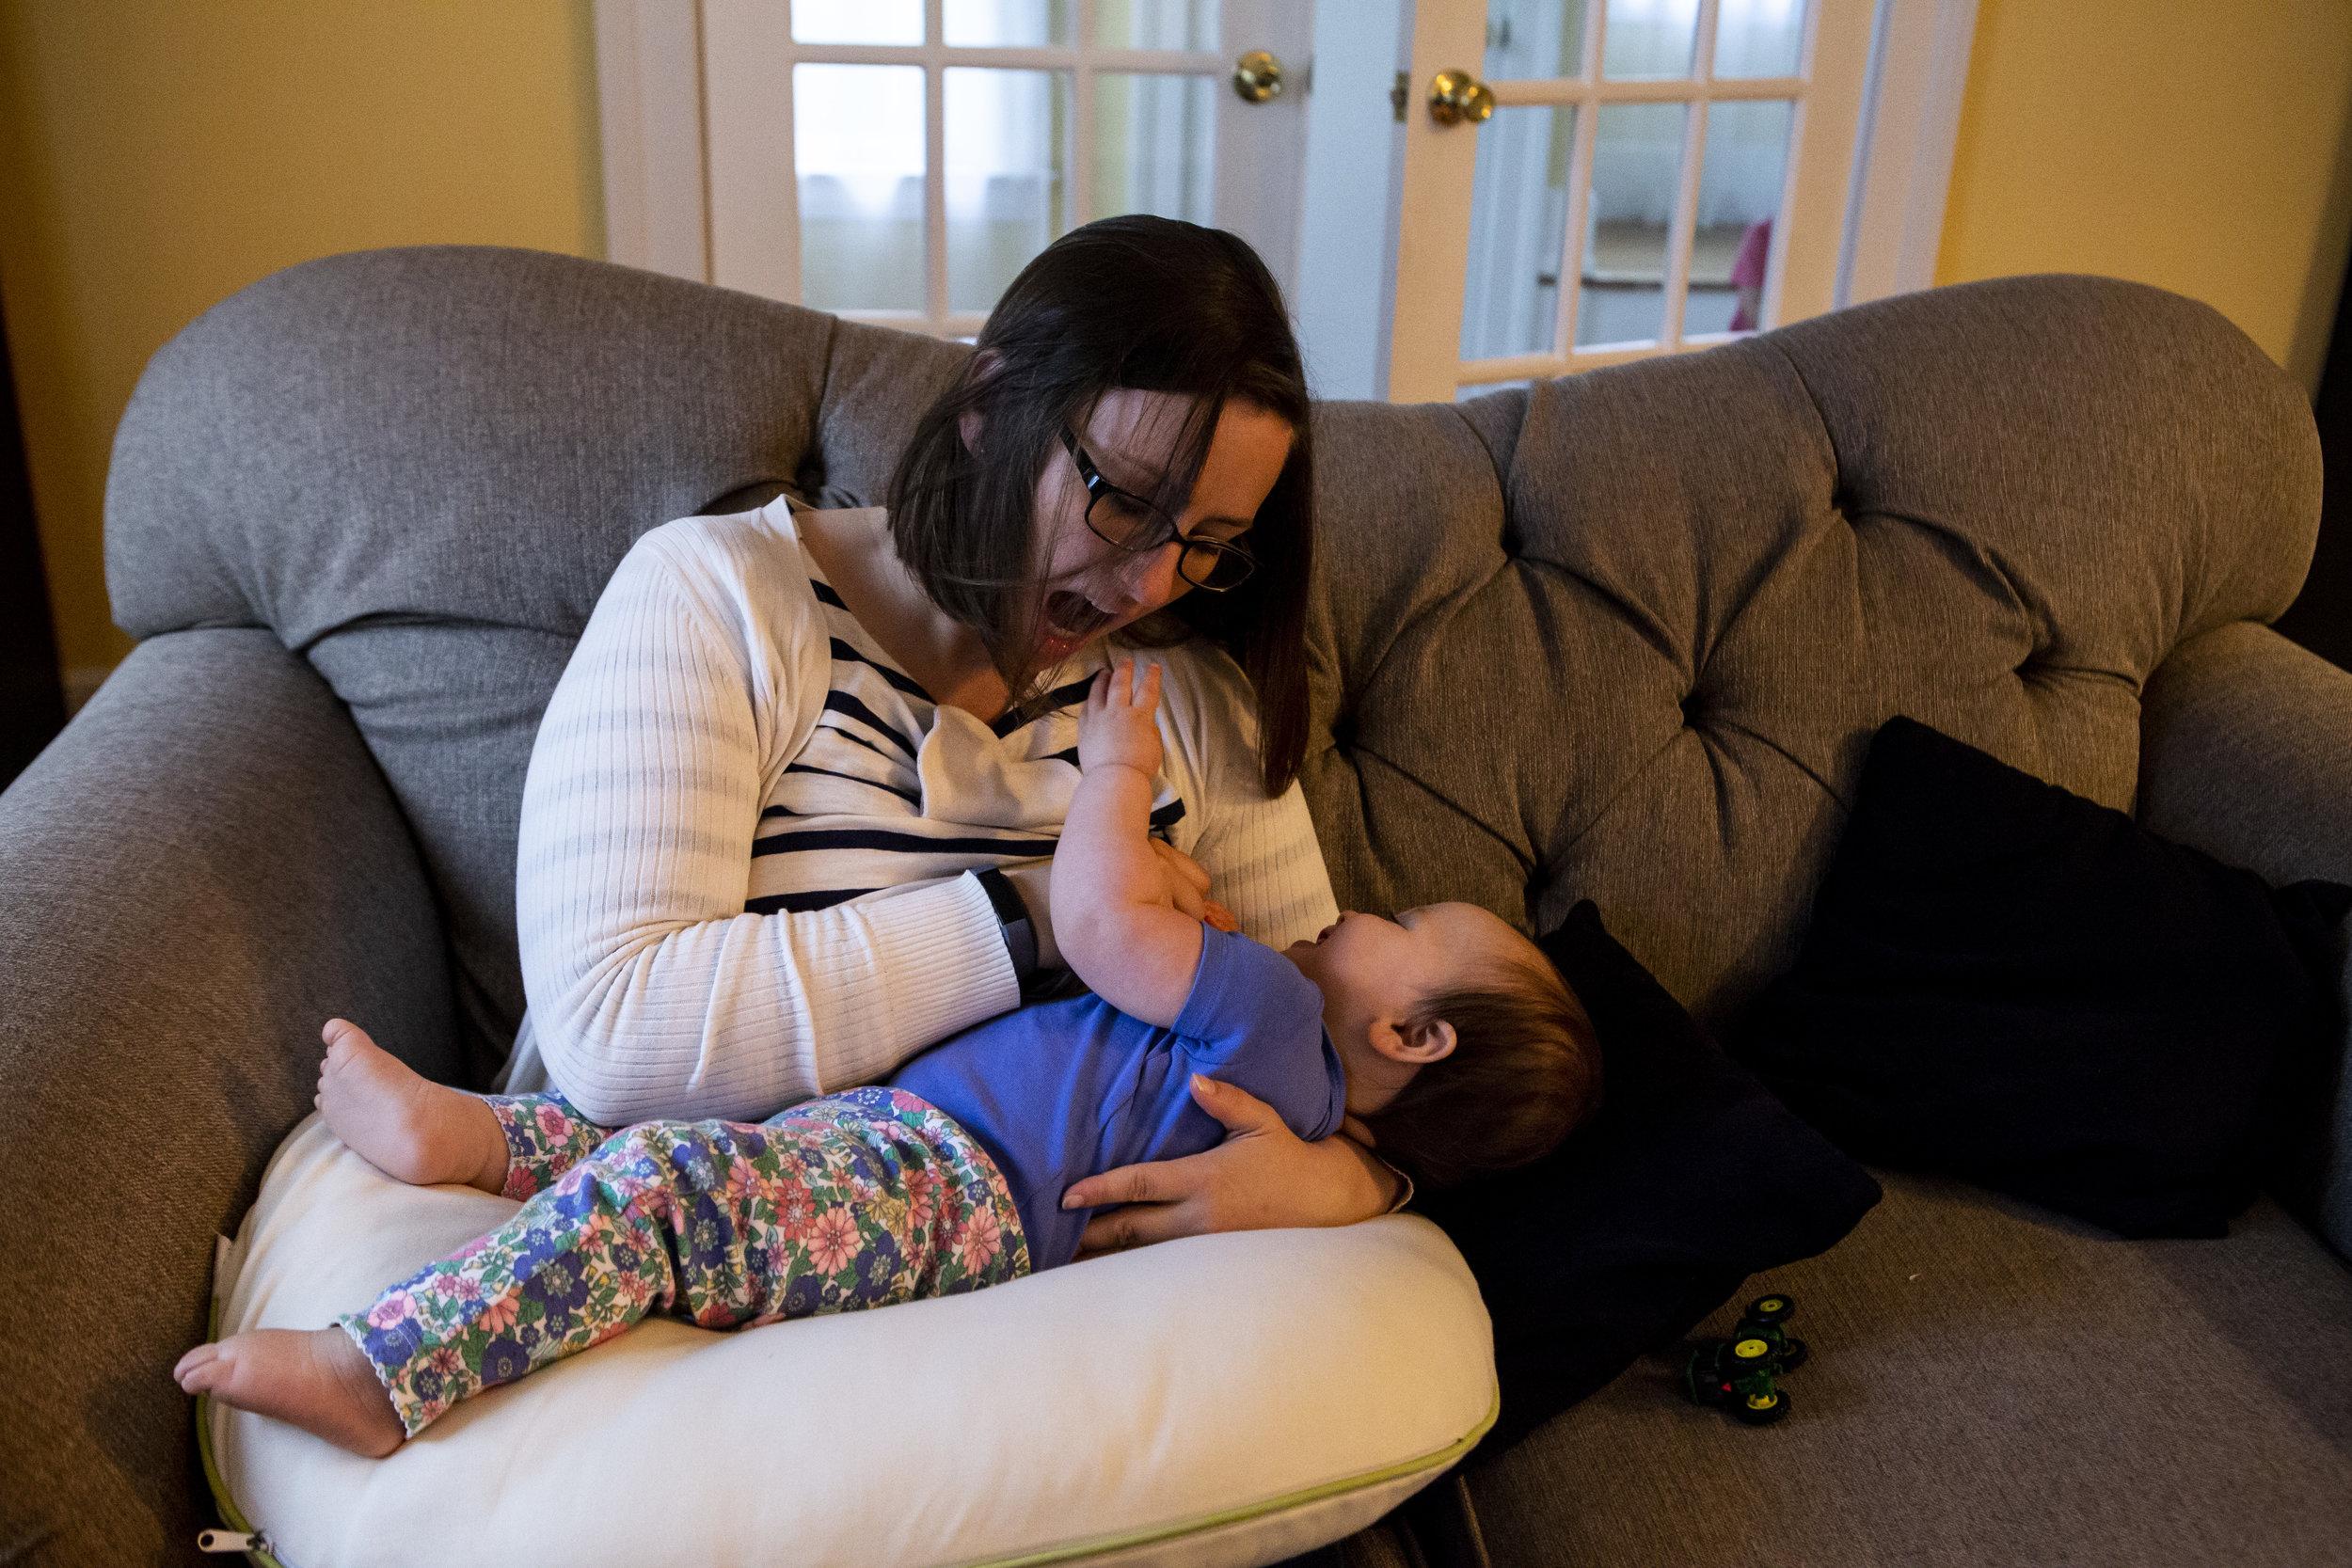 Boston mom playfully breastfeeding her toddler